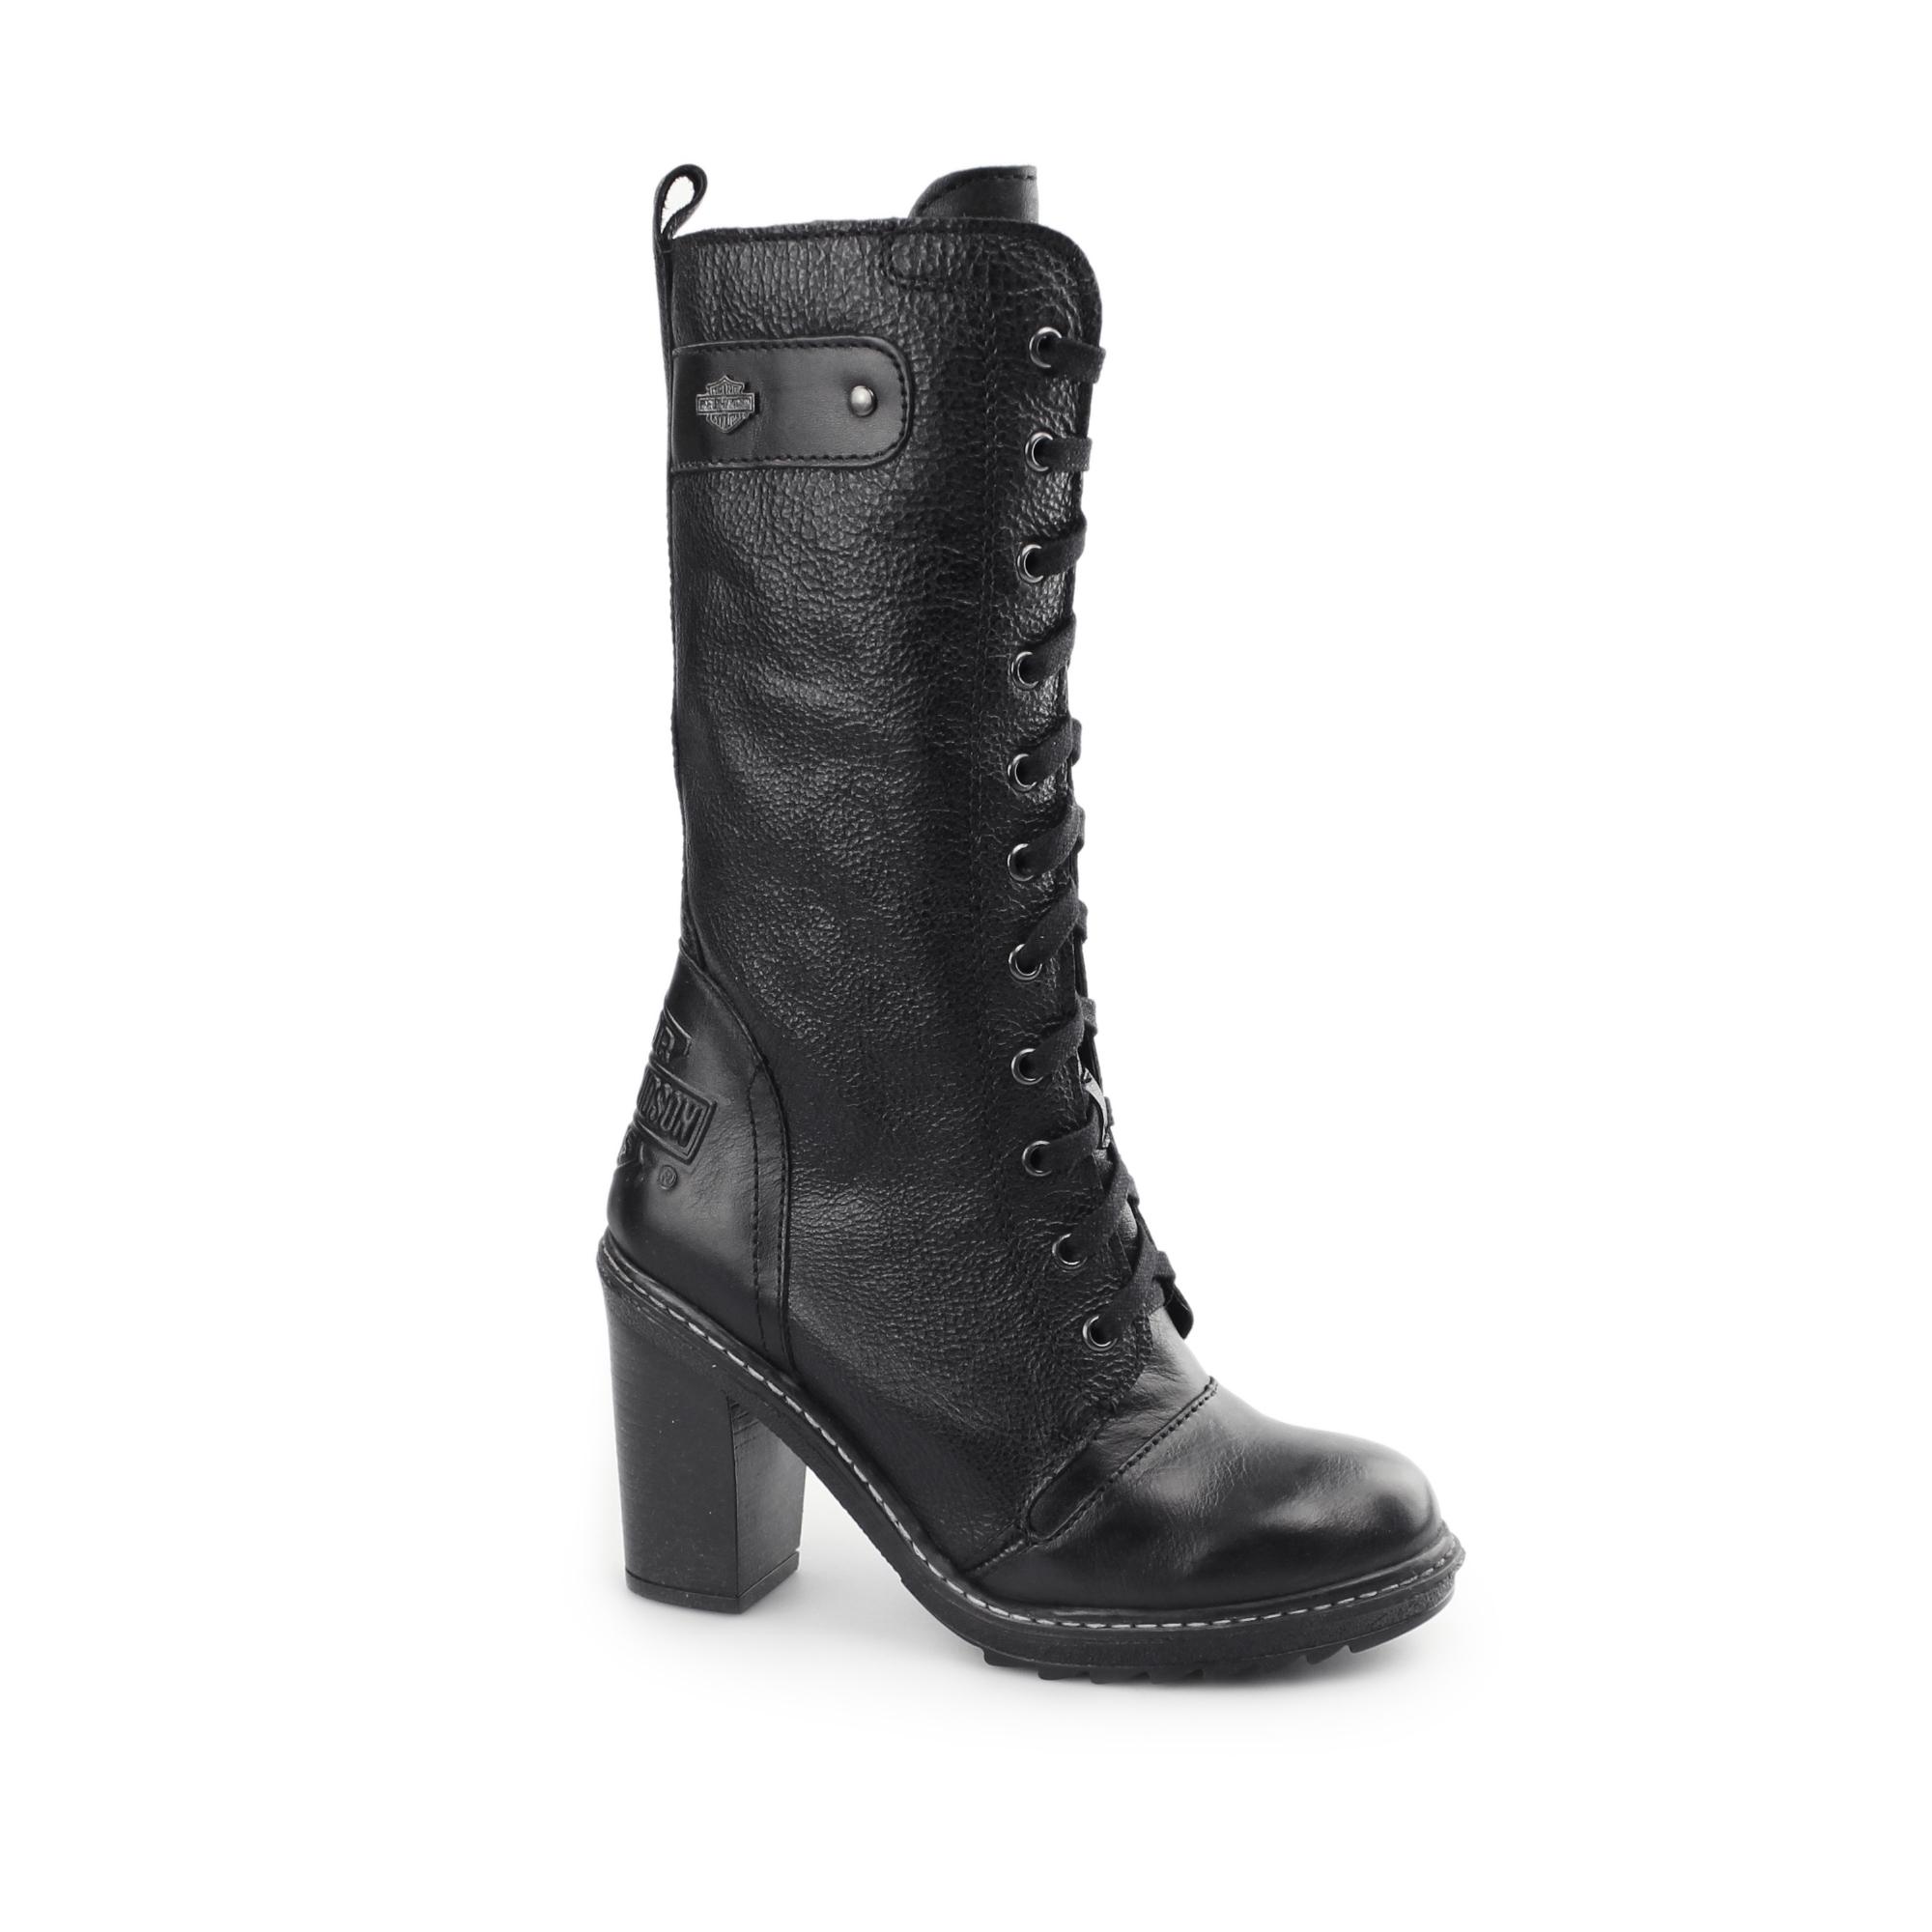 581d1f7c016af Harley Davidson LUNSFORD Ladies Leather Tall Hi Heel Boots Black